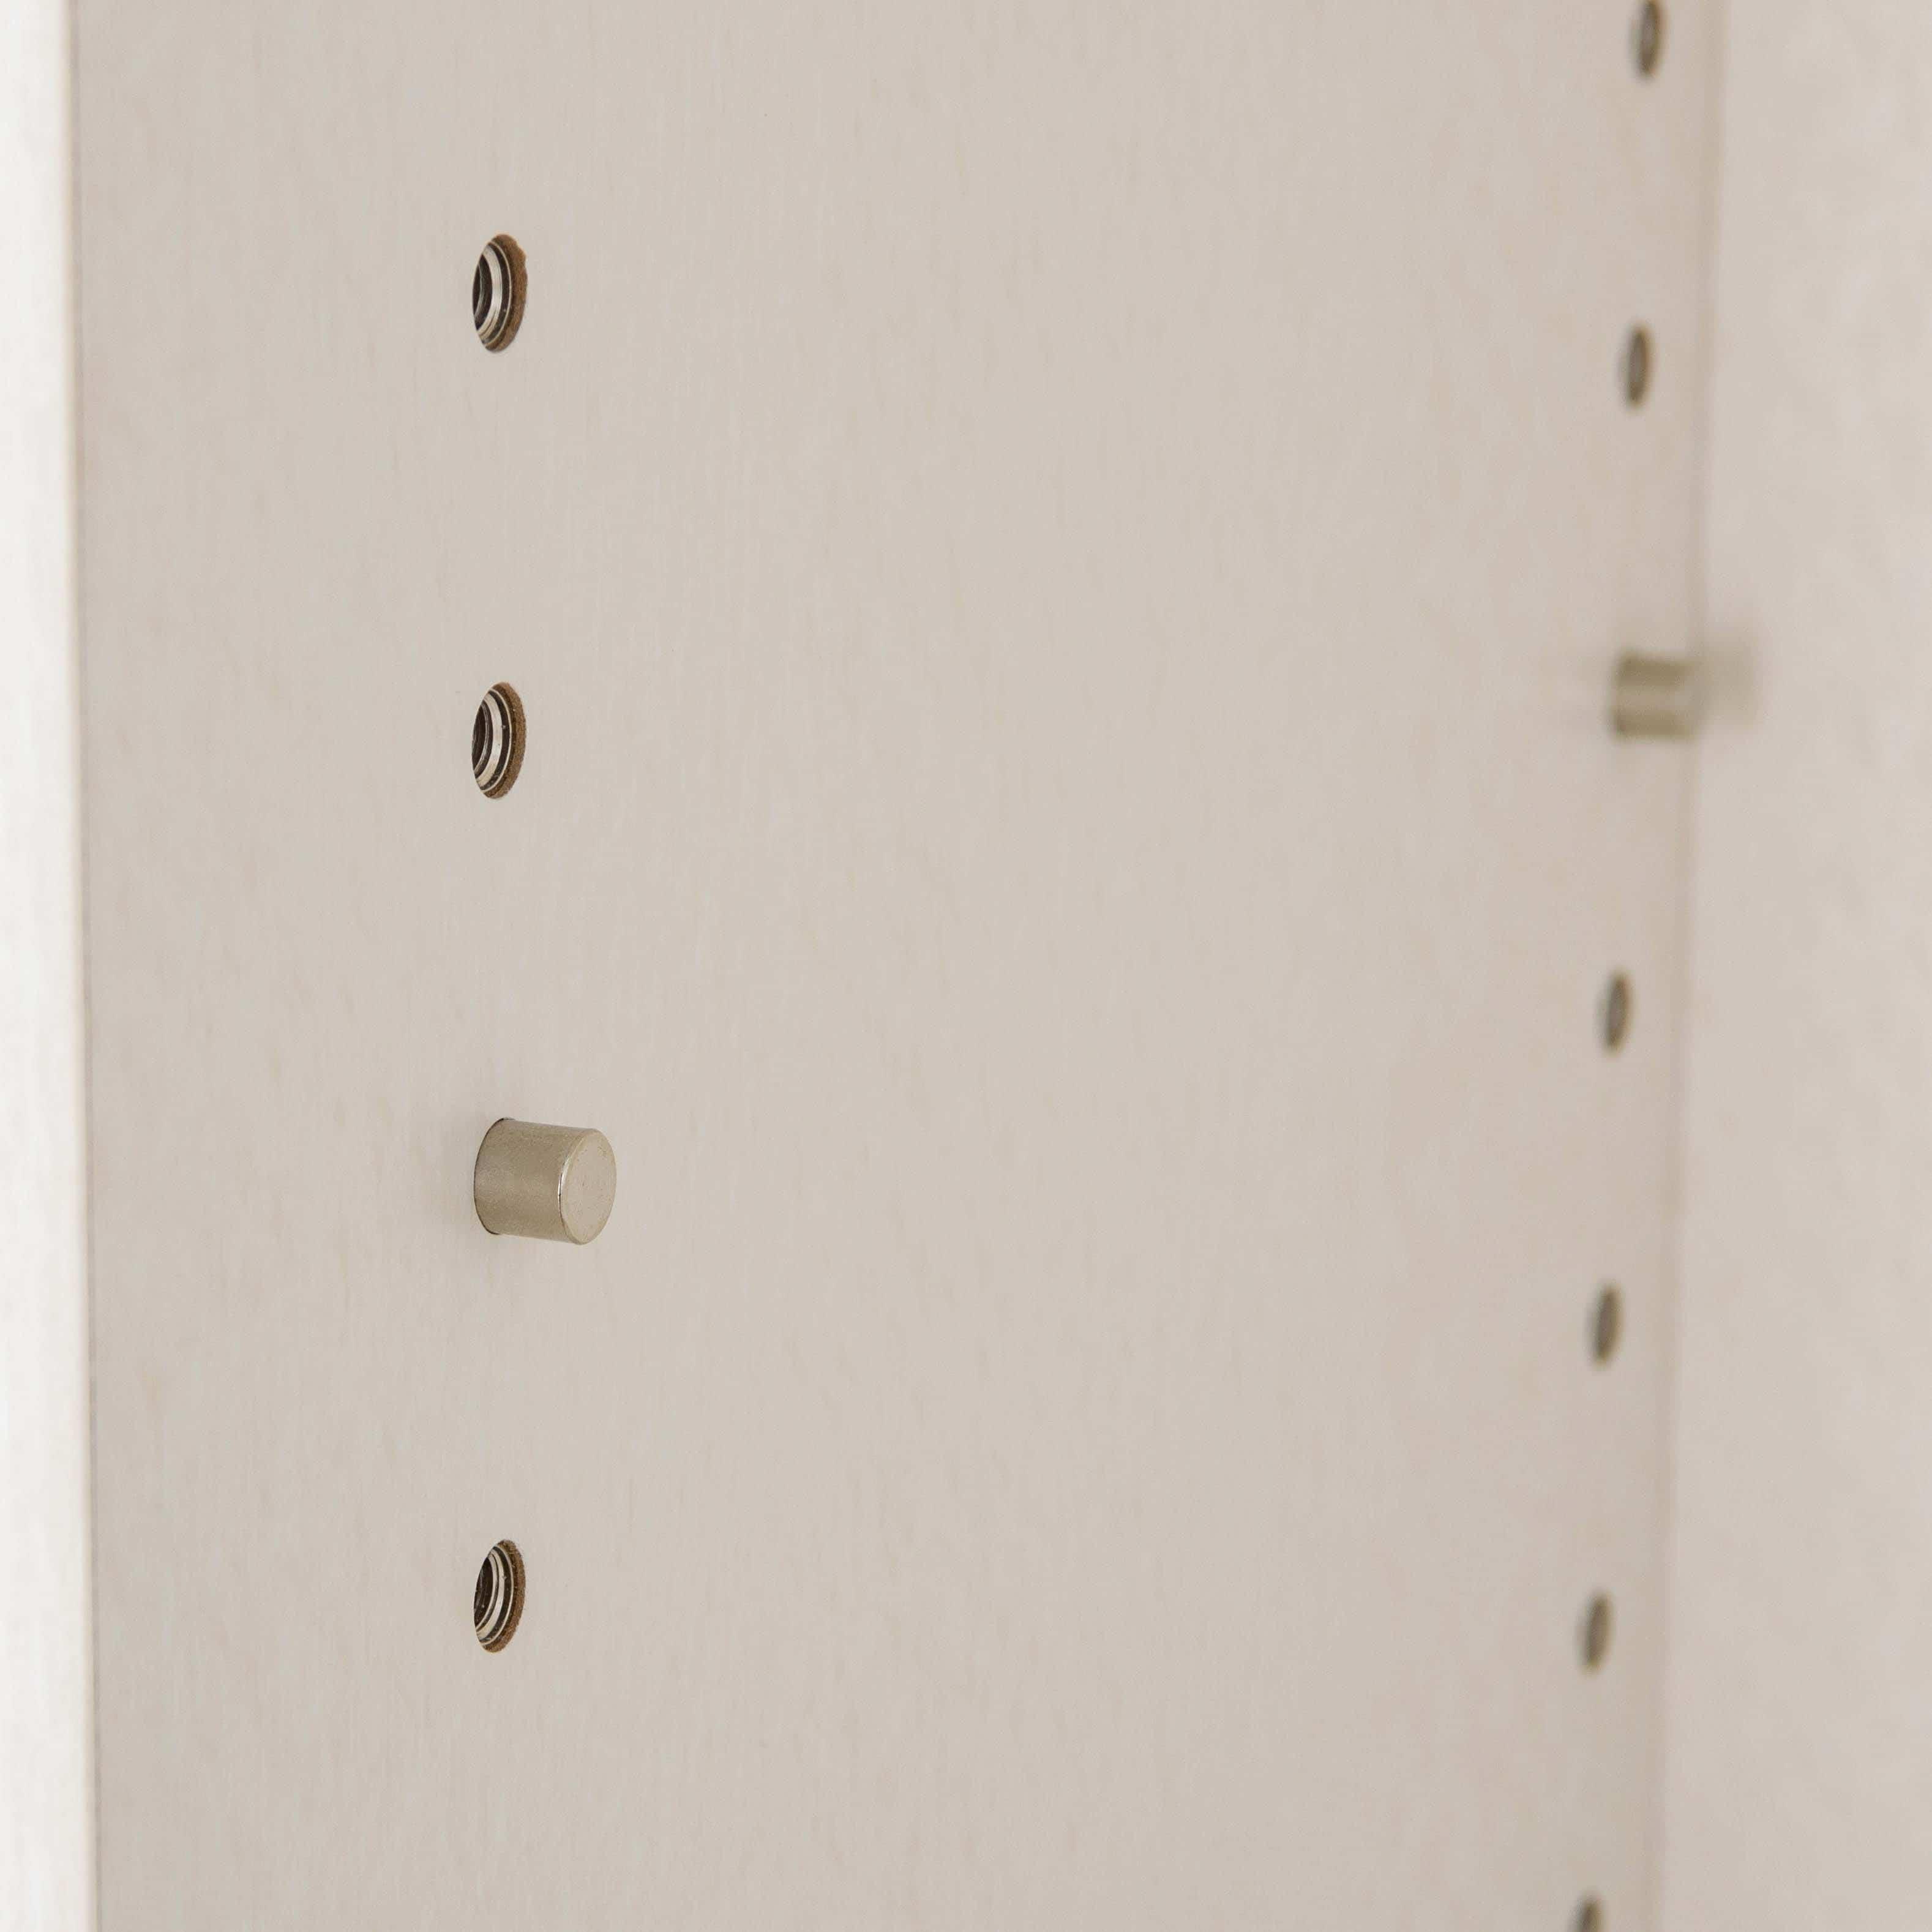 小島工芸 上置 アコード60A(チェリーナチュラル):キレイに収まる魅せる収納